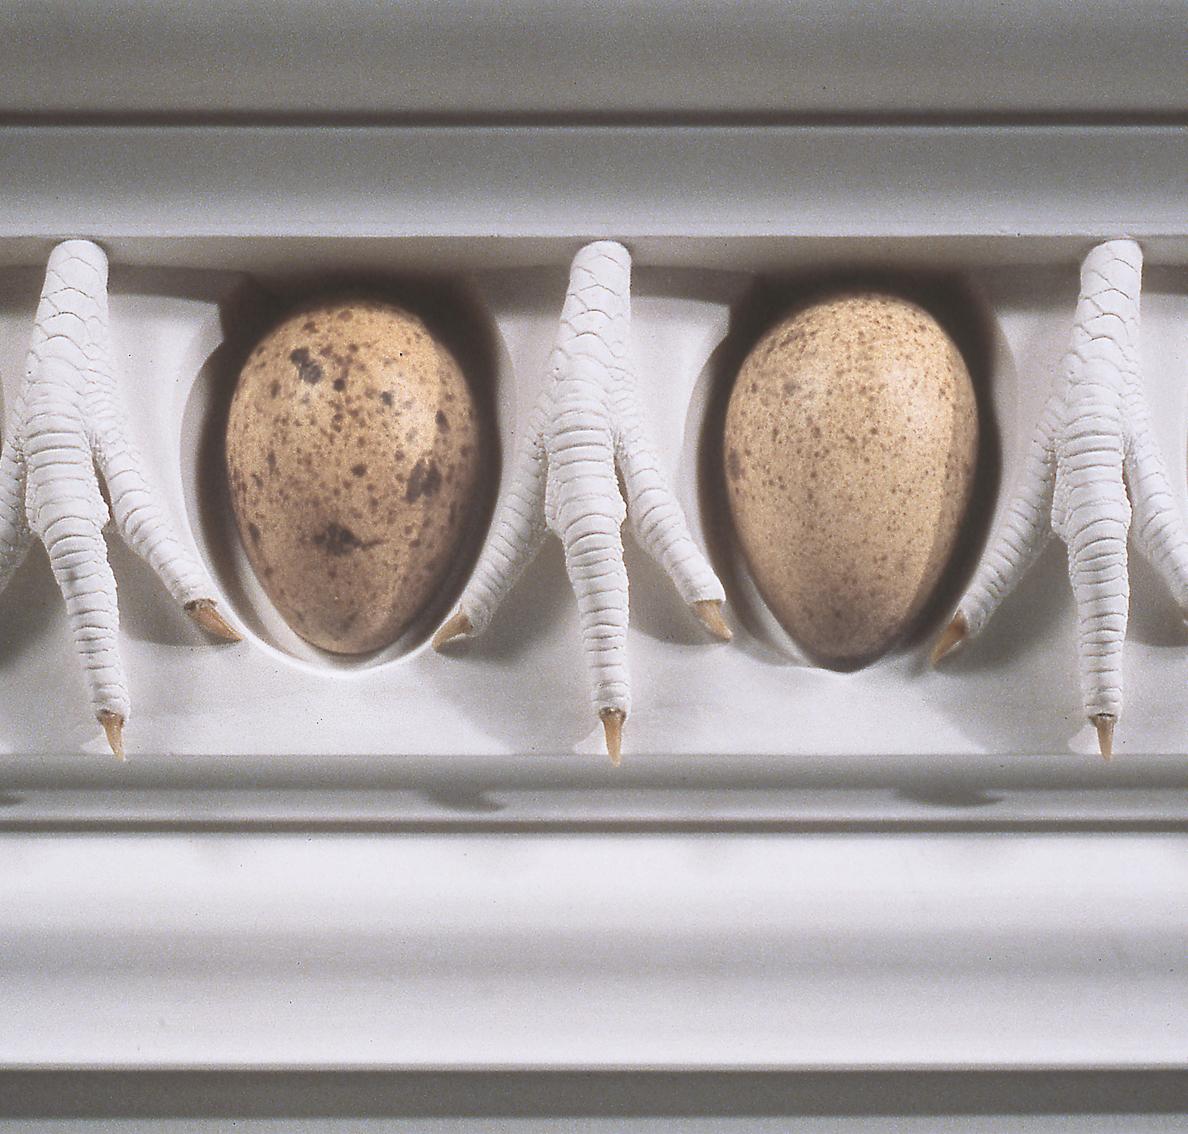 Spring Hurlbut    Ovo and Claw Entablature (Segment)    1990   plaster, turkey eggs, chicken claws   12 x 18 in.